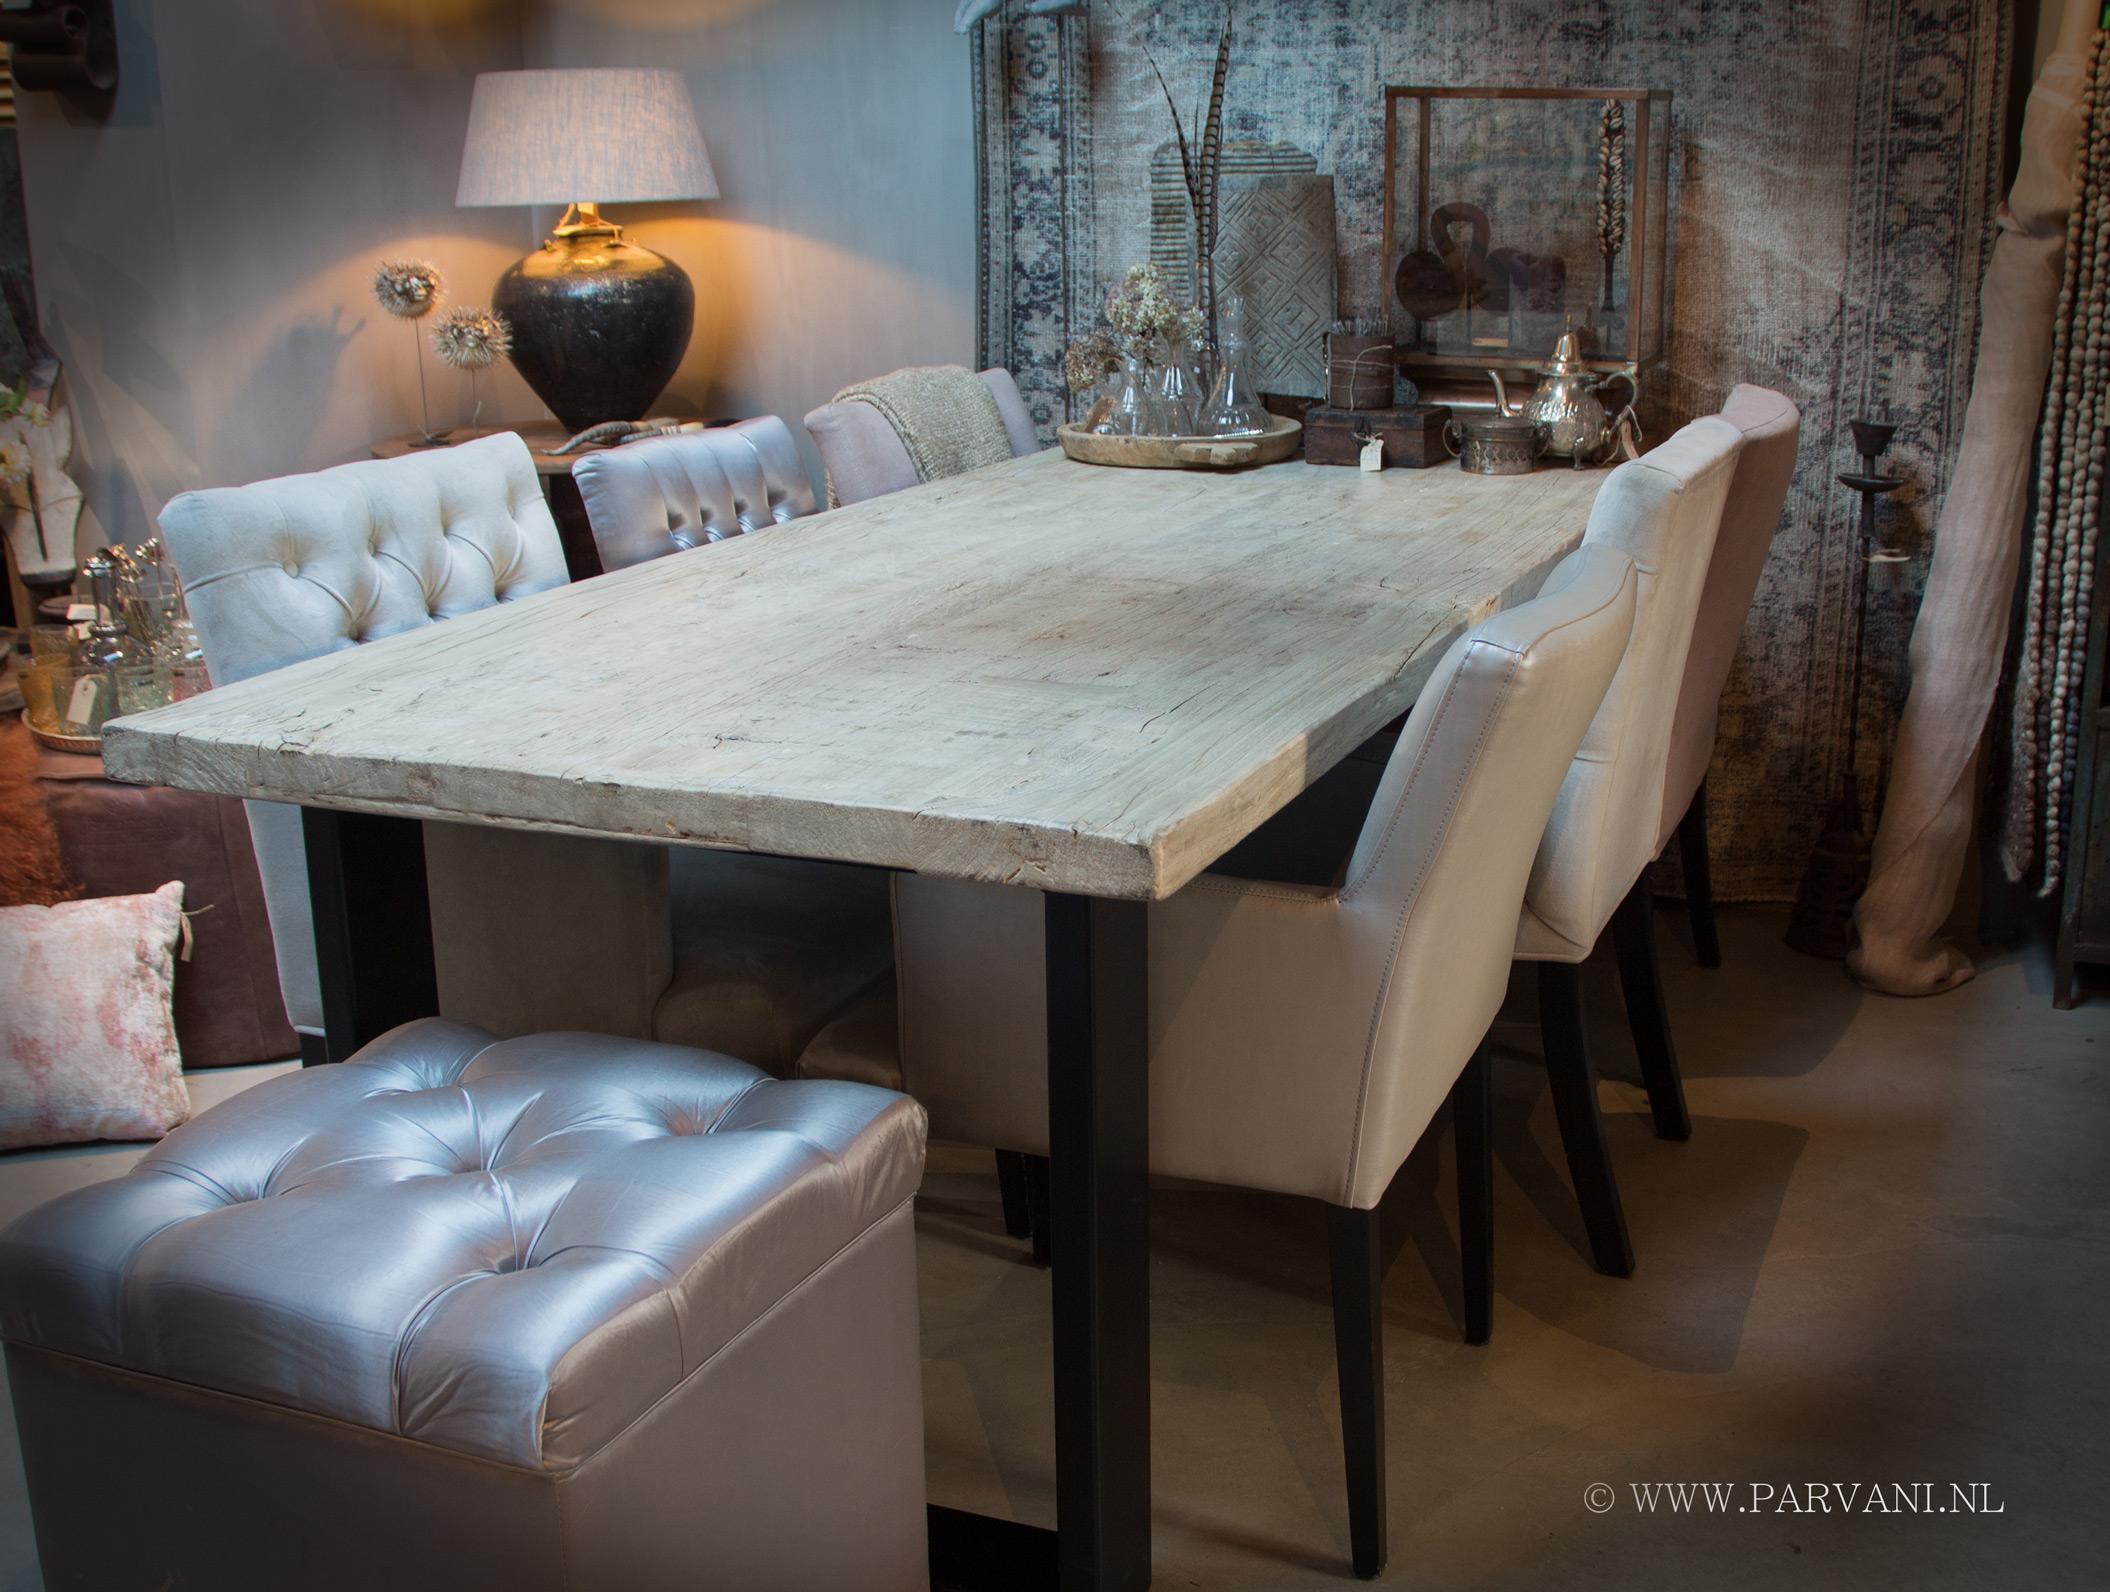 Ijzeren Onderstel Tafel : Parvani tafel massief houten blad ijzeren onderstel industrieel